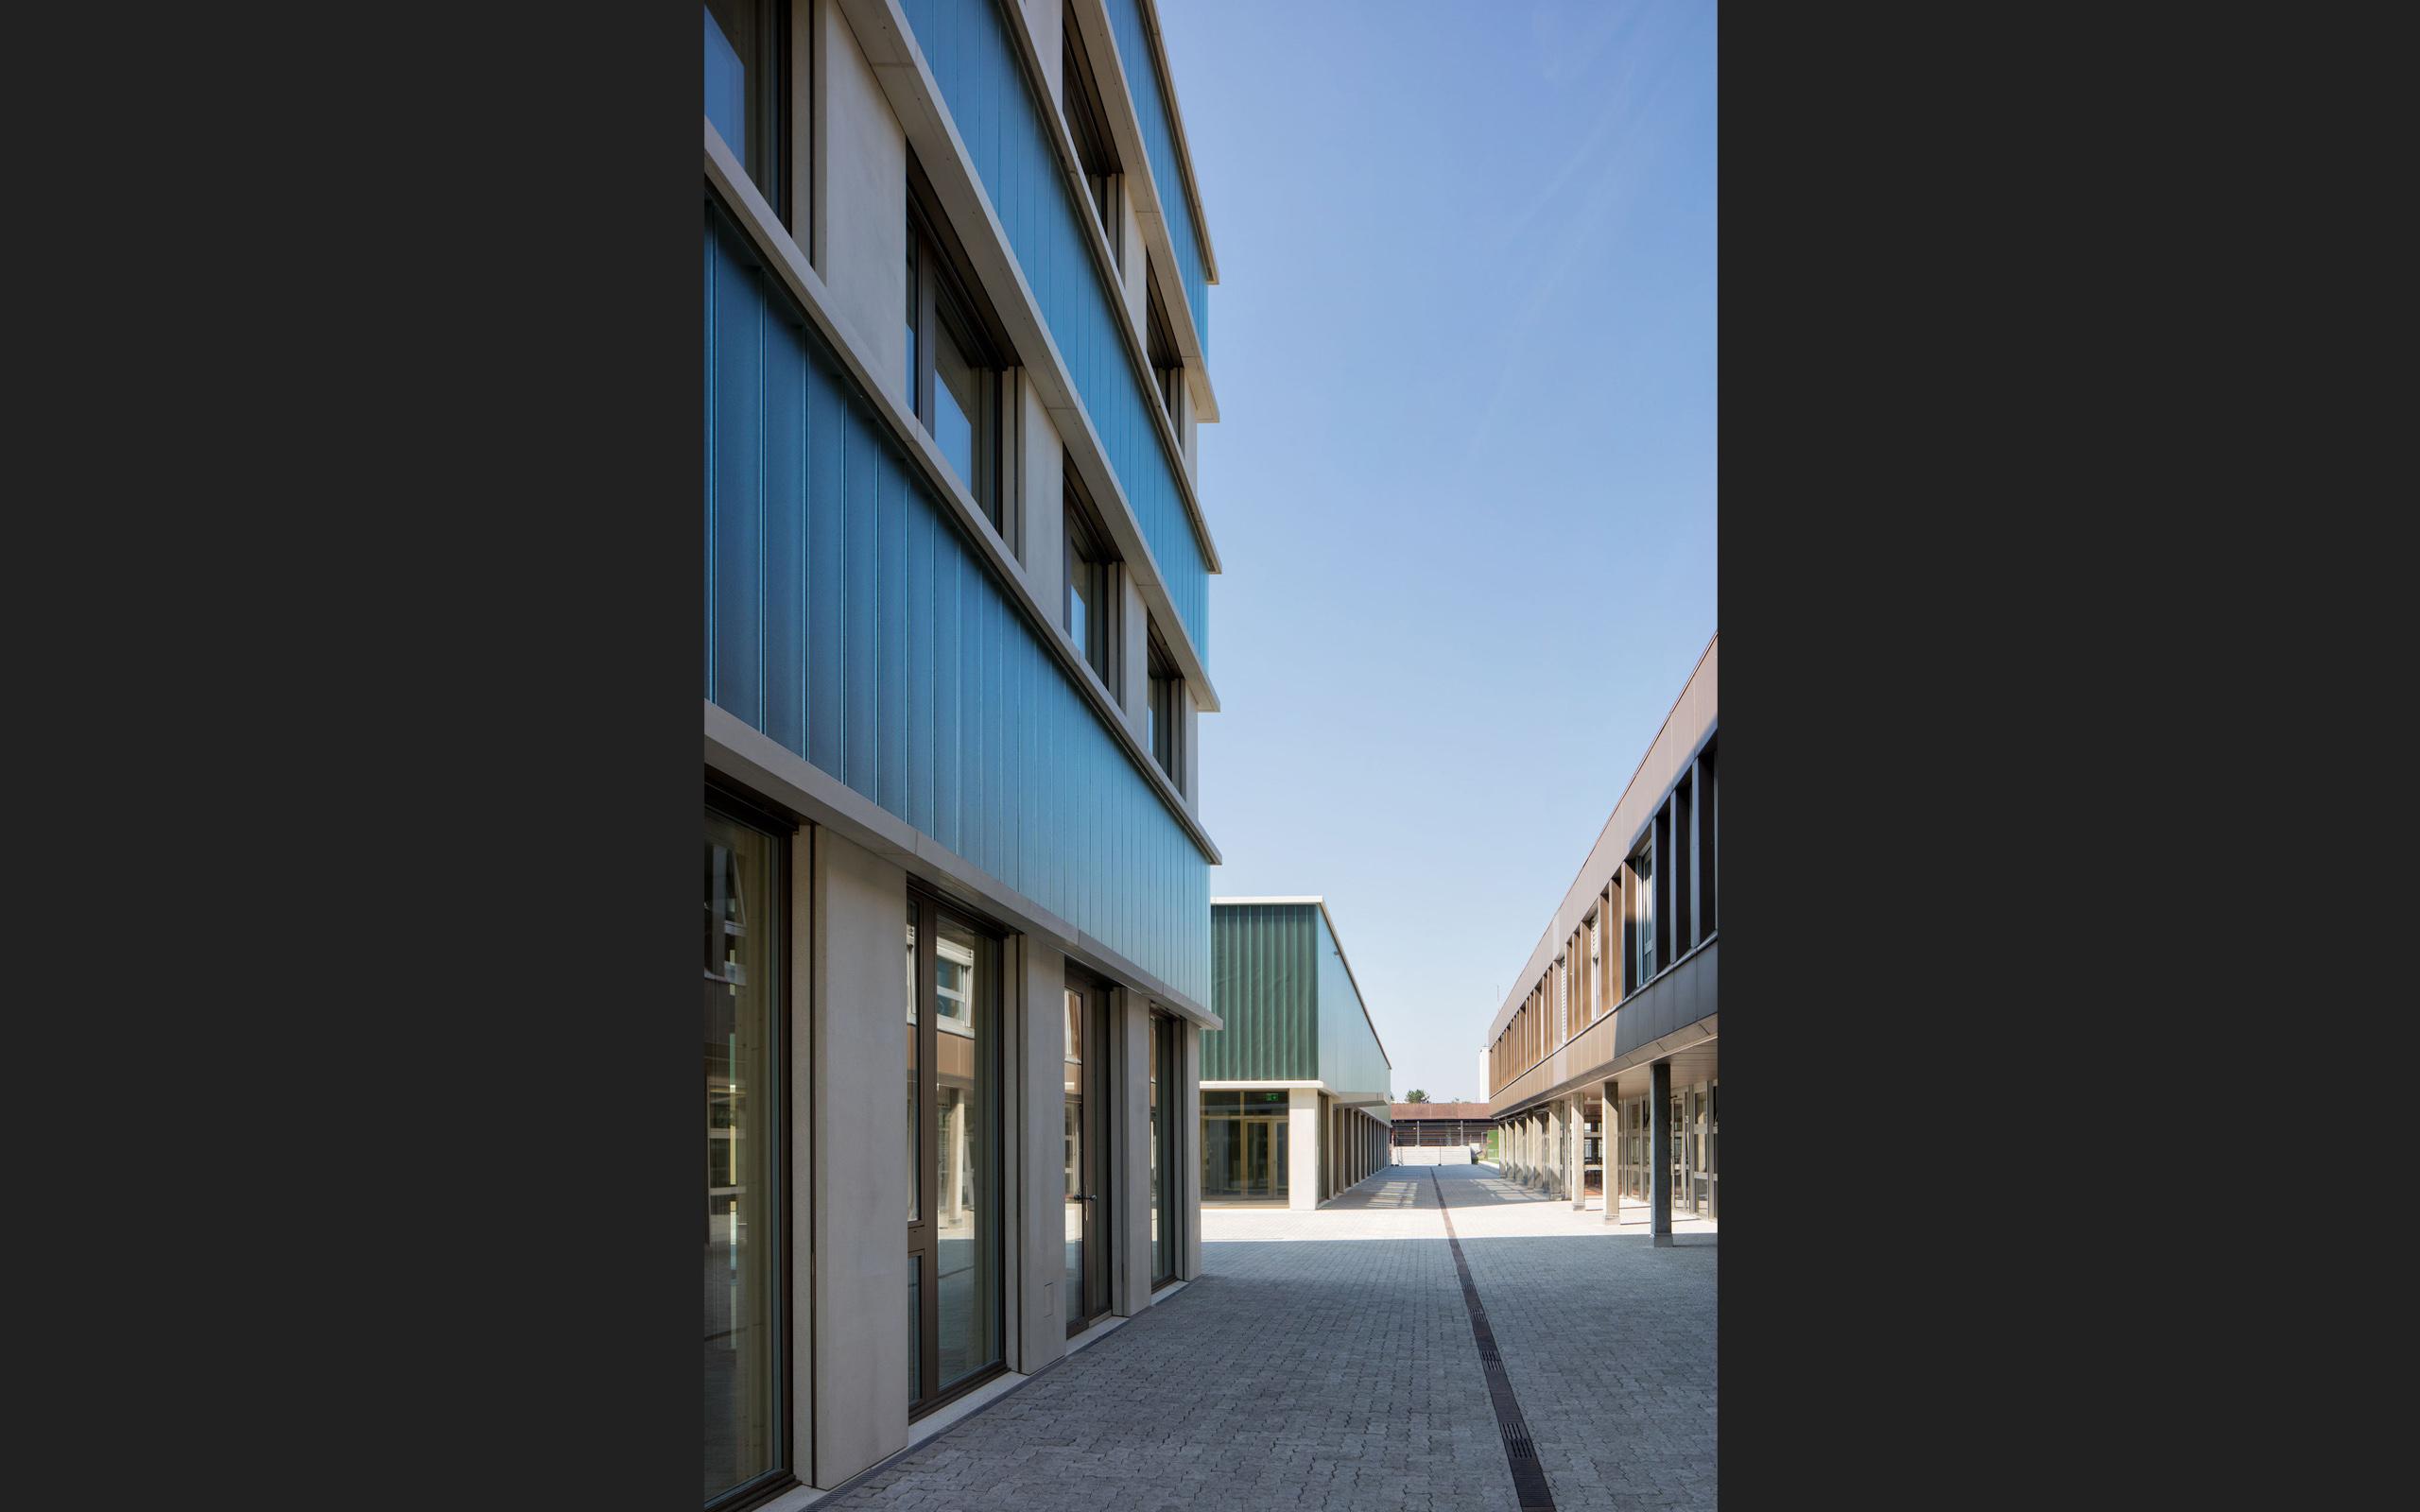 Architektur, mbarchitekten.ch, Zssw, Sportzentrum Bern